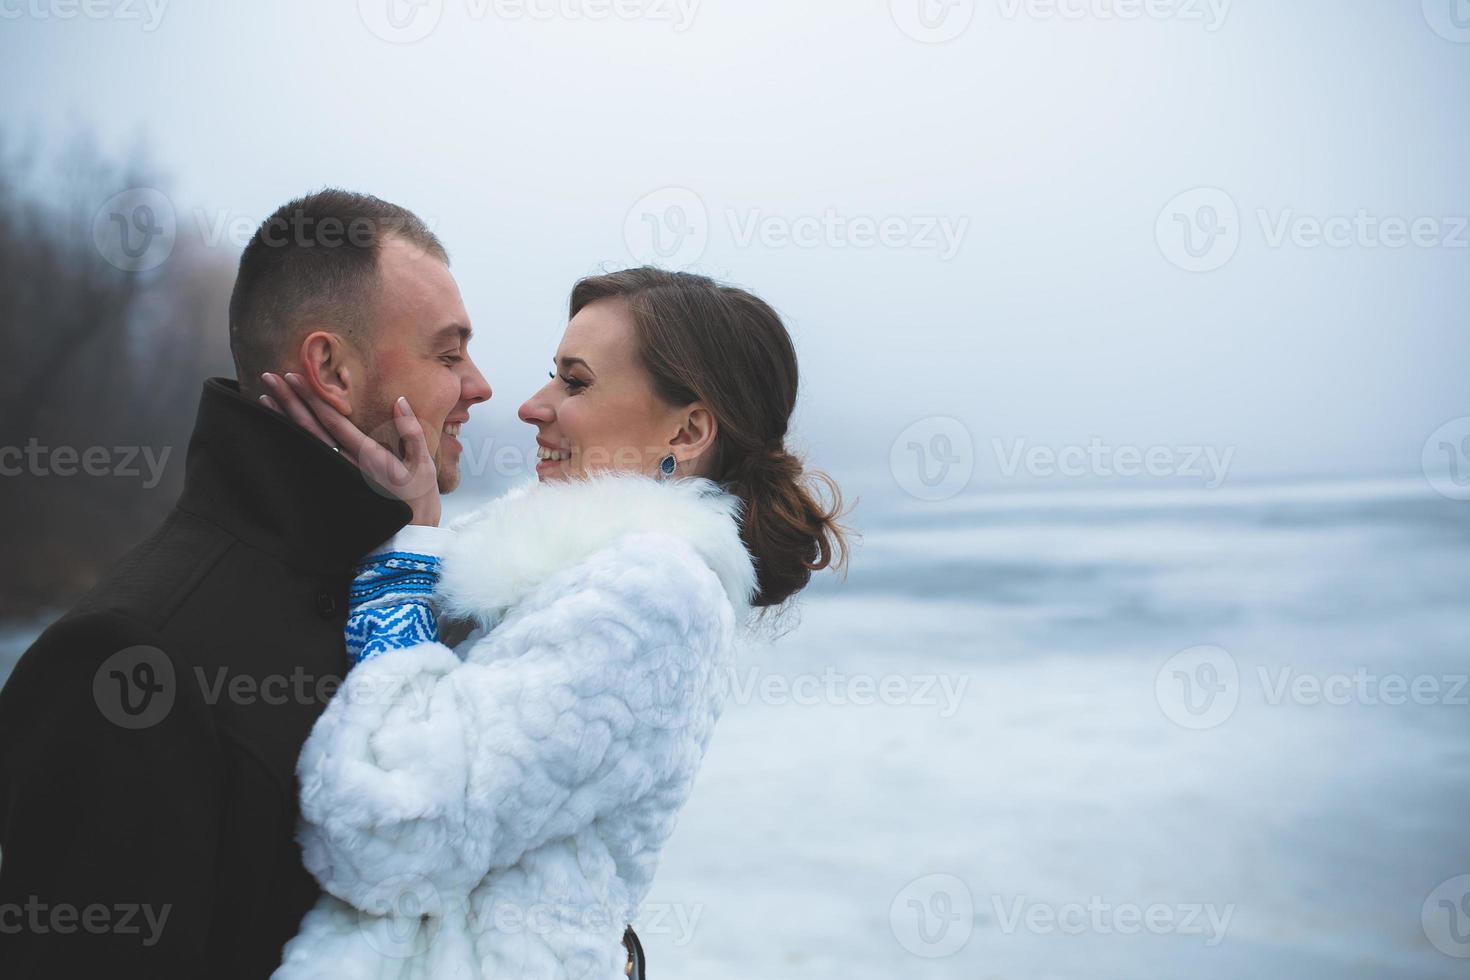 vackra par på bryggan i vinter dimma. foto